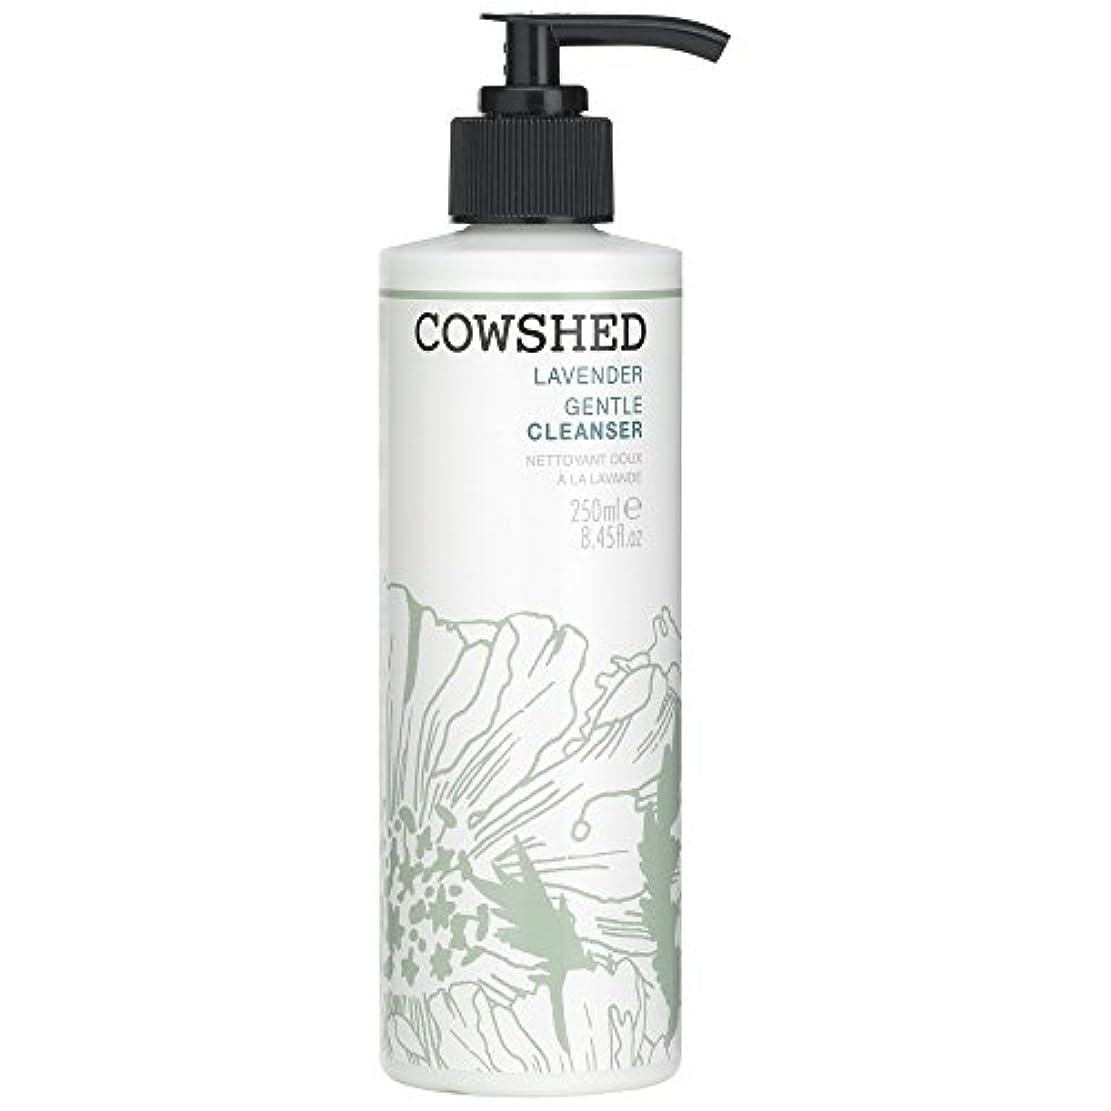 怒る南極宿命牛舎ラベンダージェントルクレンザー、250ミリリットル (Cowshed) (x6) - Cowshed Lavender Gentle Cleanser, 250ml (Pack of 6) [並行輸入品]